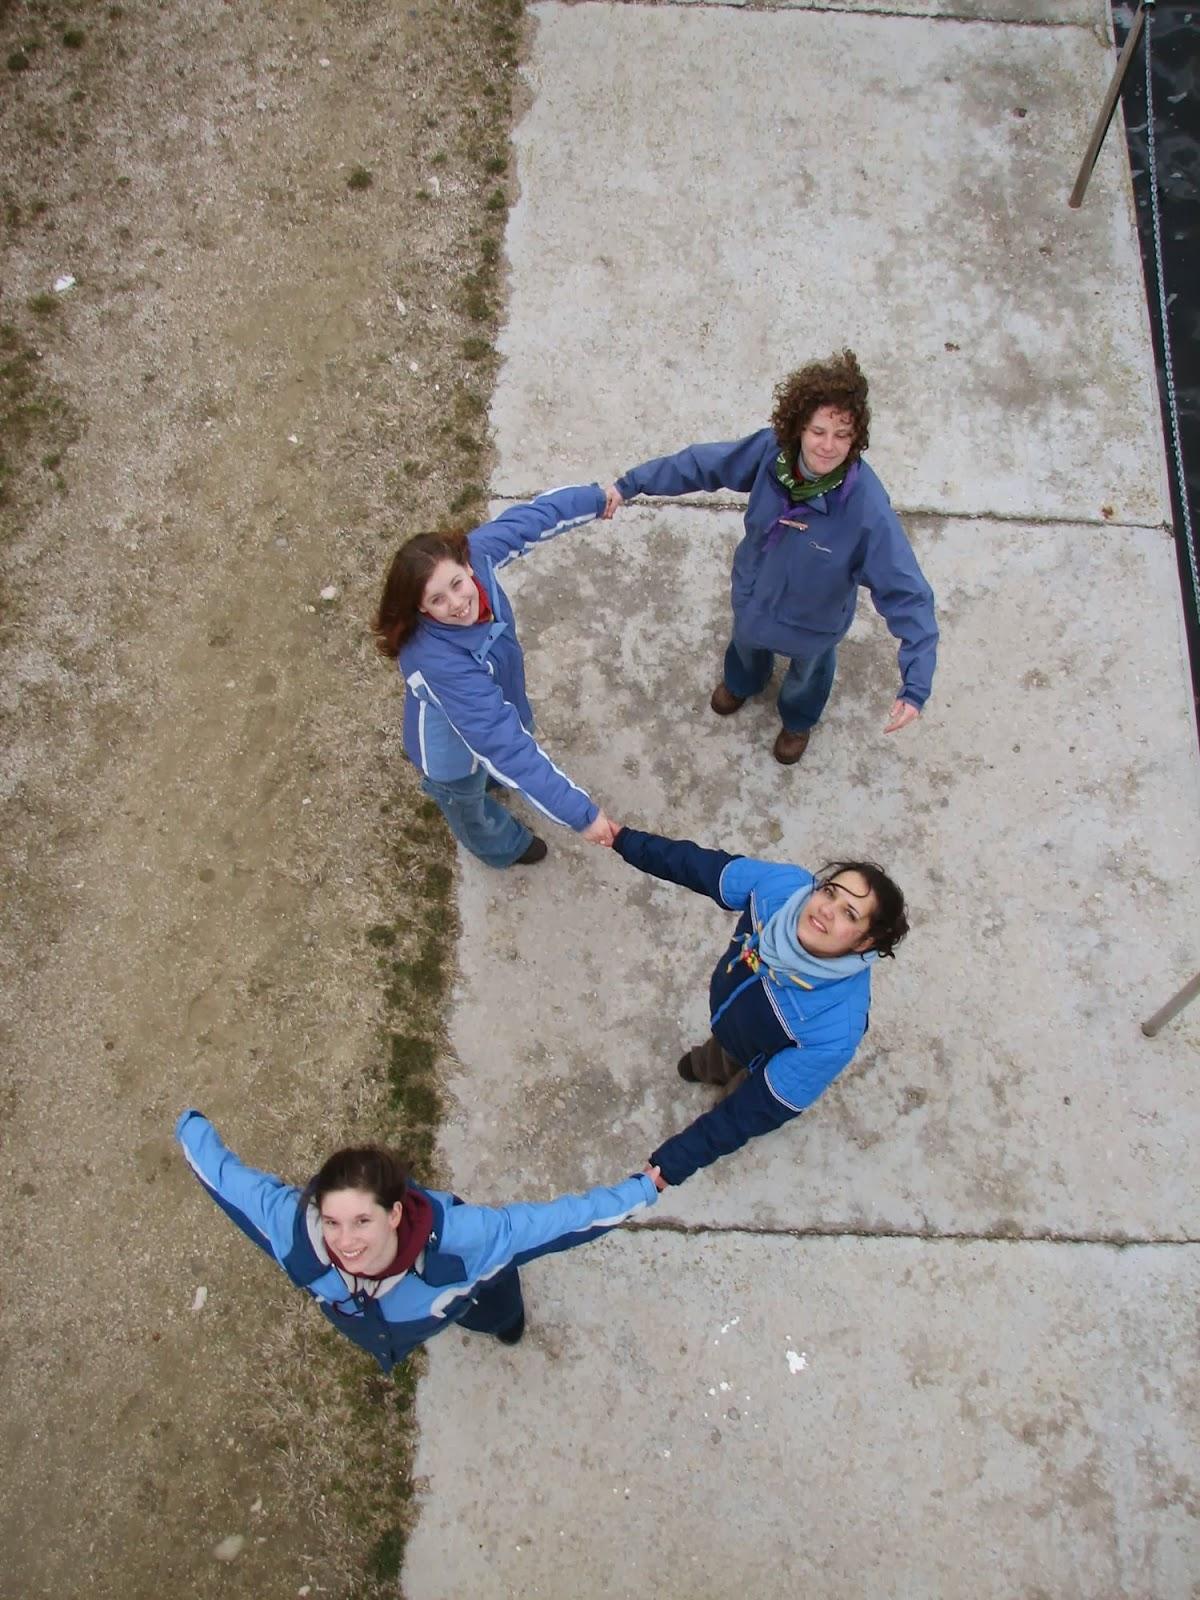 Motivacijski vikend, Lucija 2006 - motivacijski06%2B100.jpg